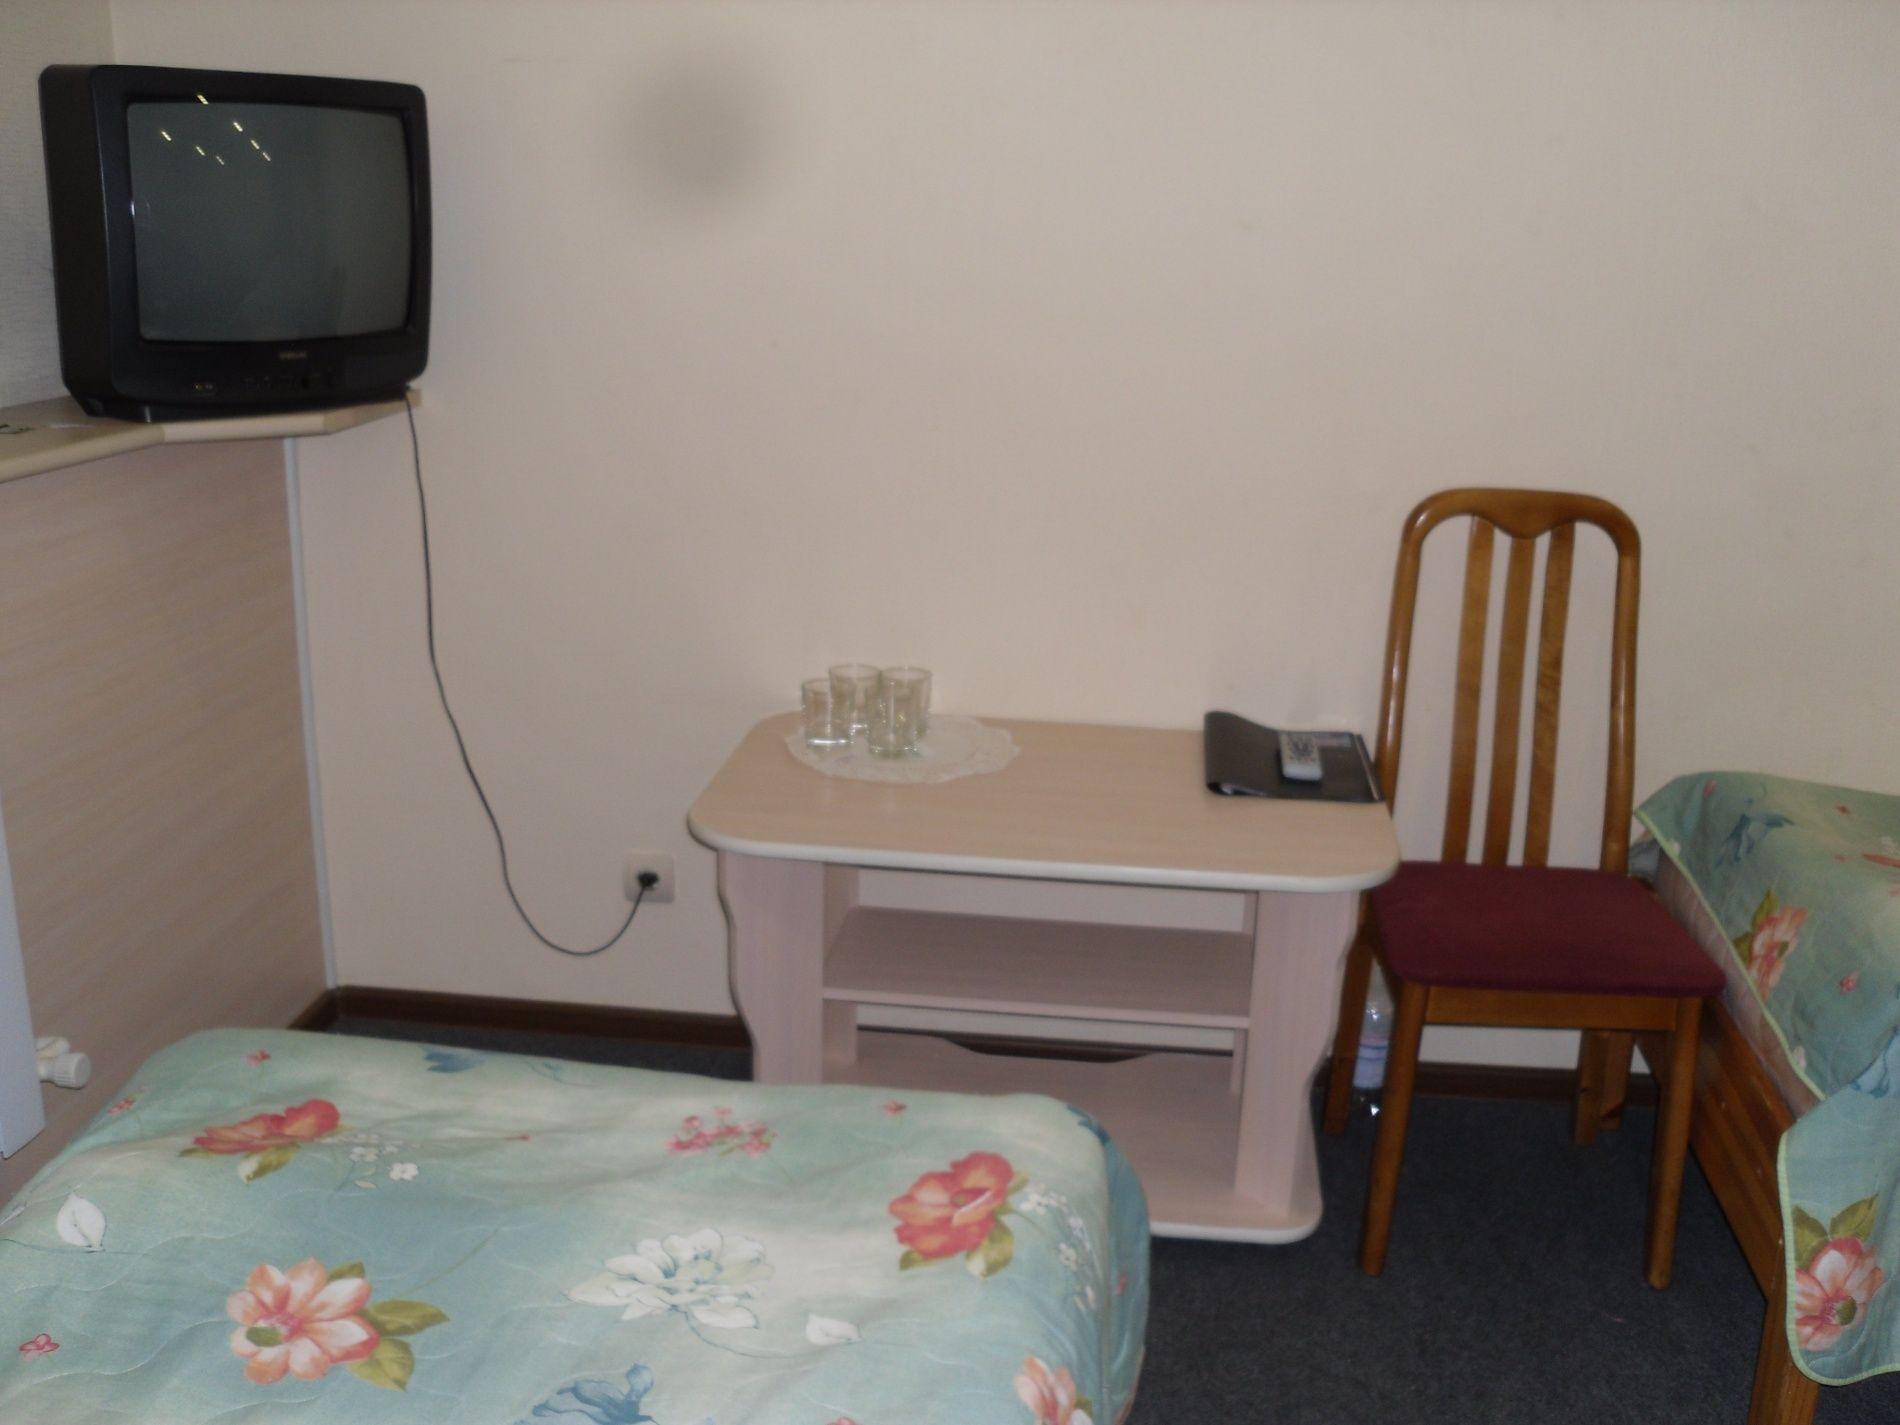 Туристический комплекс «Мирная Пристань» Ивановская область 1-комнатный 4-местный номер 1 категории (№ 3), фото 4